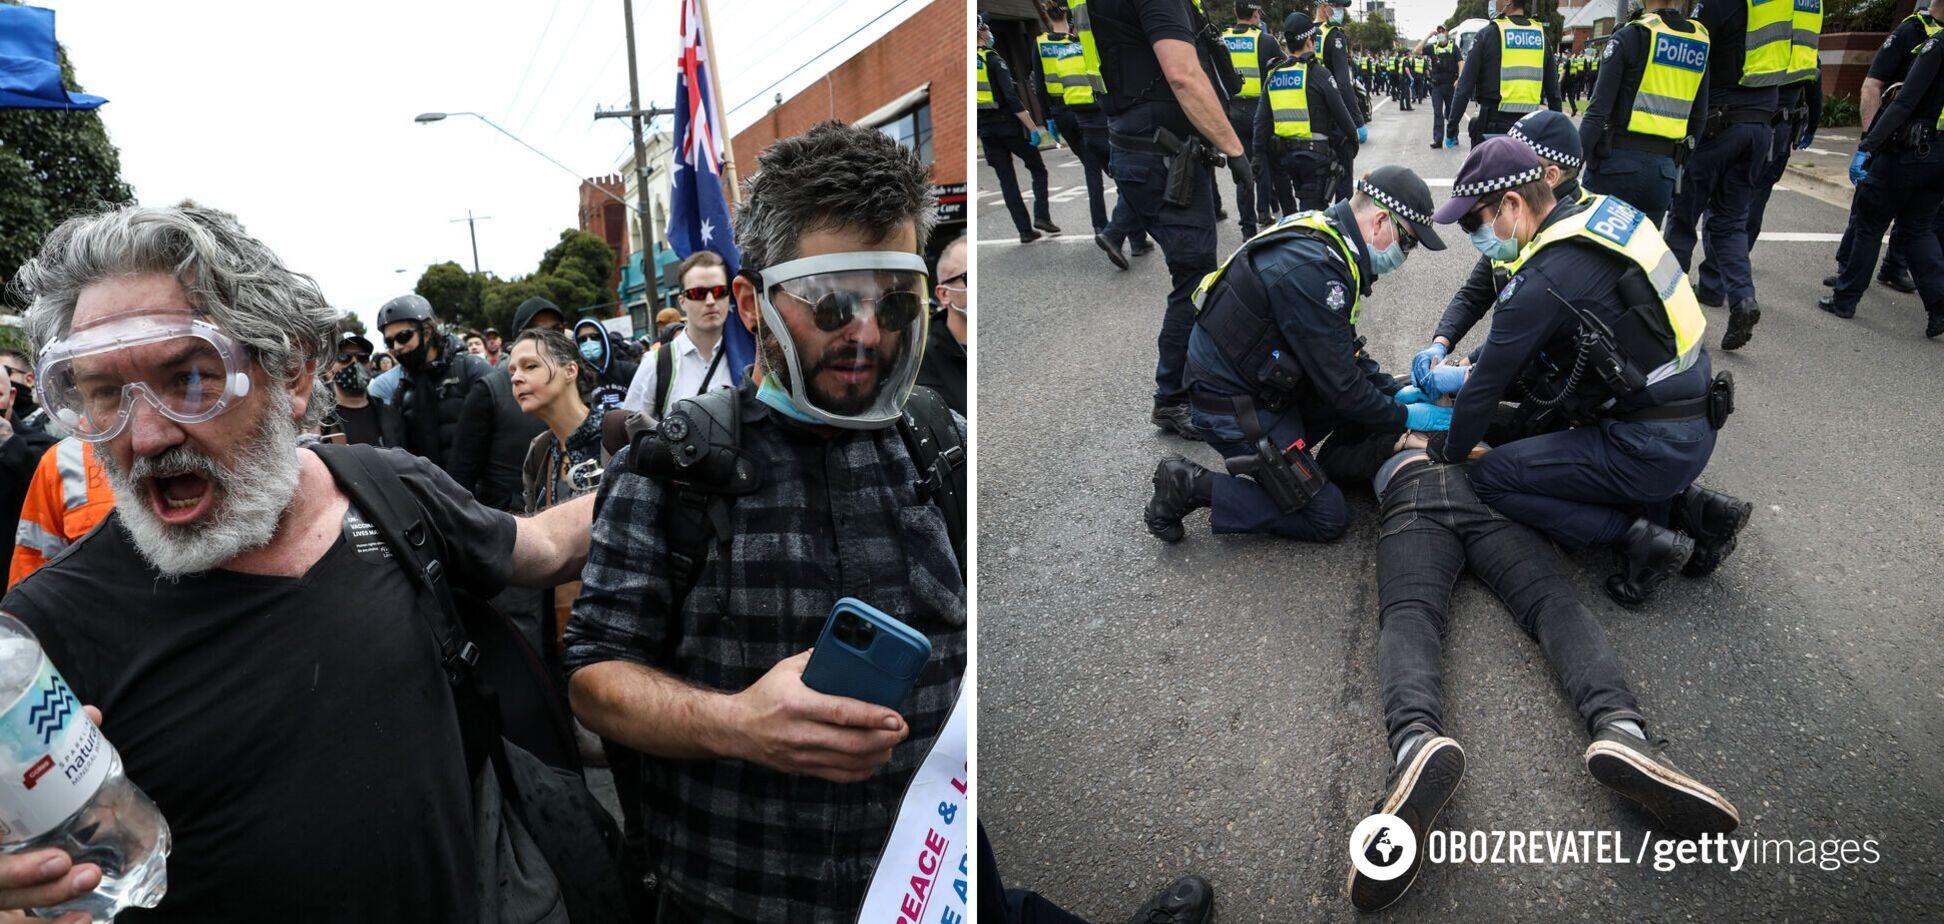 В Австралии акция против локдауна вышла из-под контроля: пострадали 10 полицейских. Фото и видео